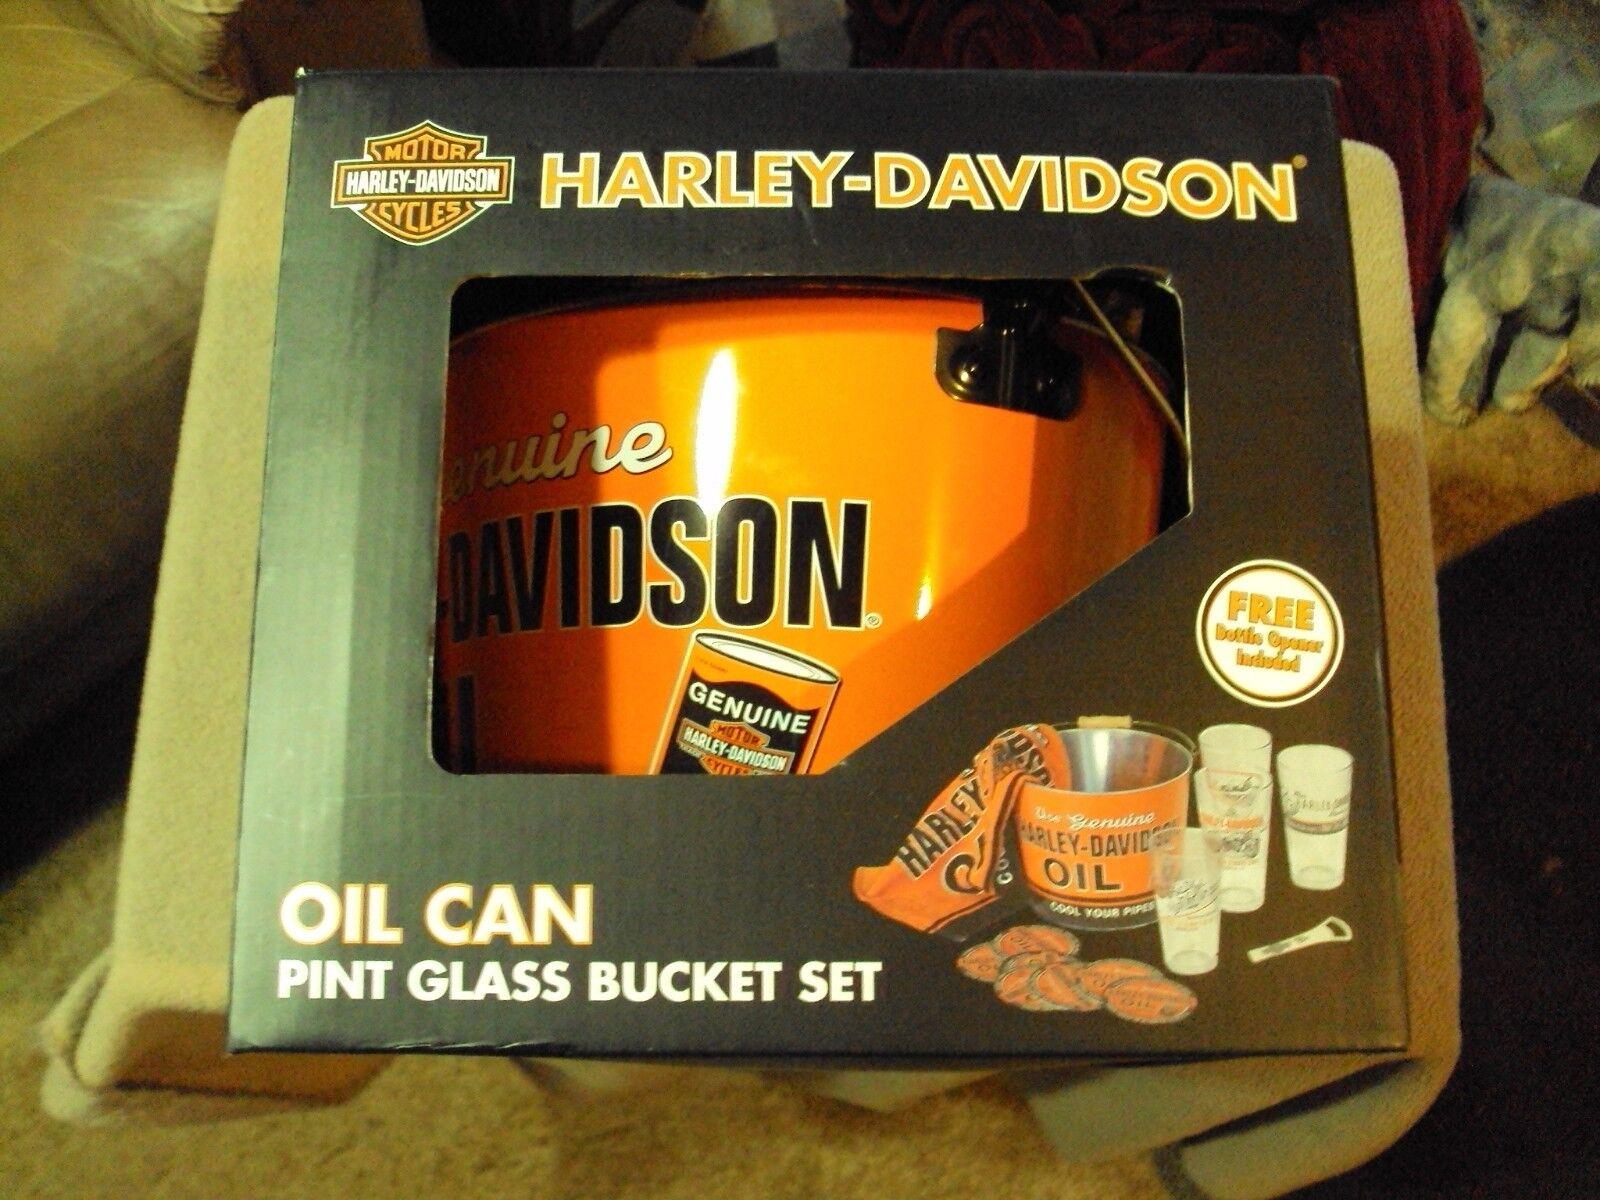 Harley-Davidson Aceite pinta Sistema De Cristal, cubo de hielo, 4 Vasos, Bar Toalla & Abridor